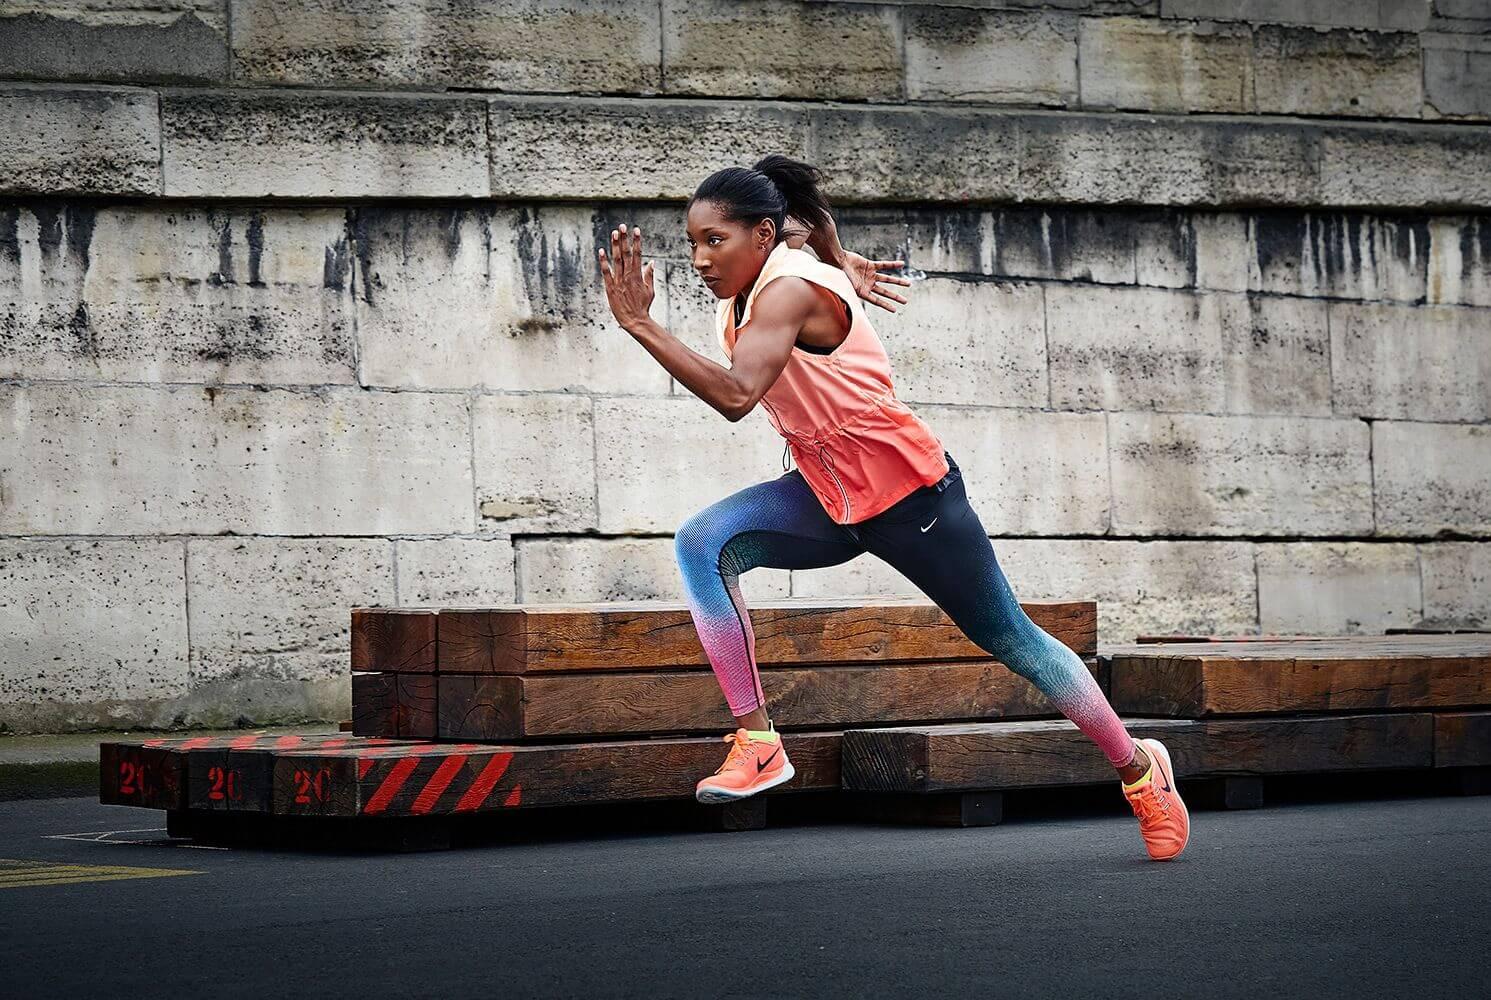 бег для сушки тела